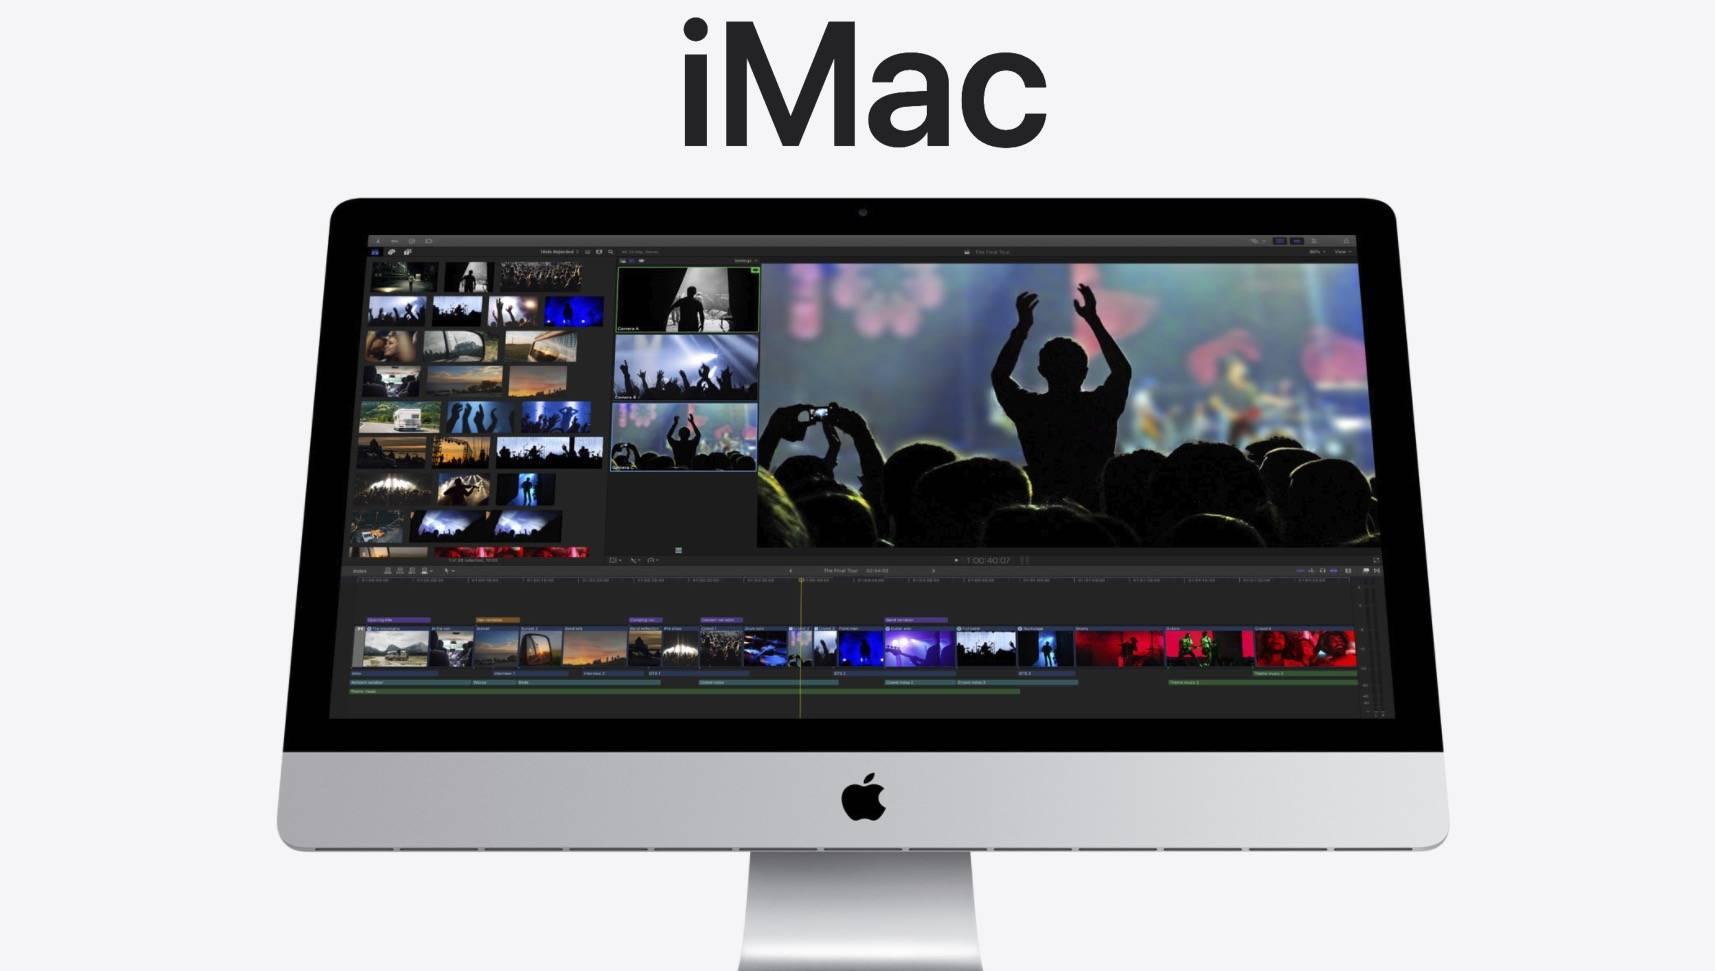 原创             苹果新款 iMac 发布!10 代酷睿、T2、1080p 摄像头